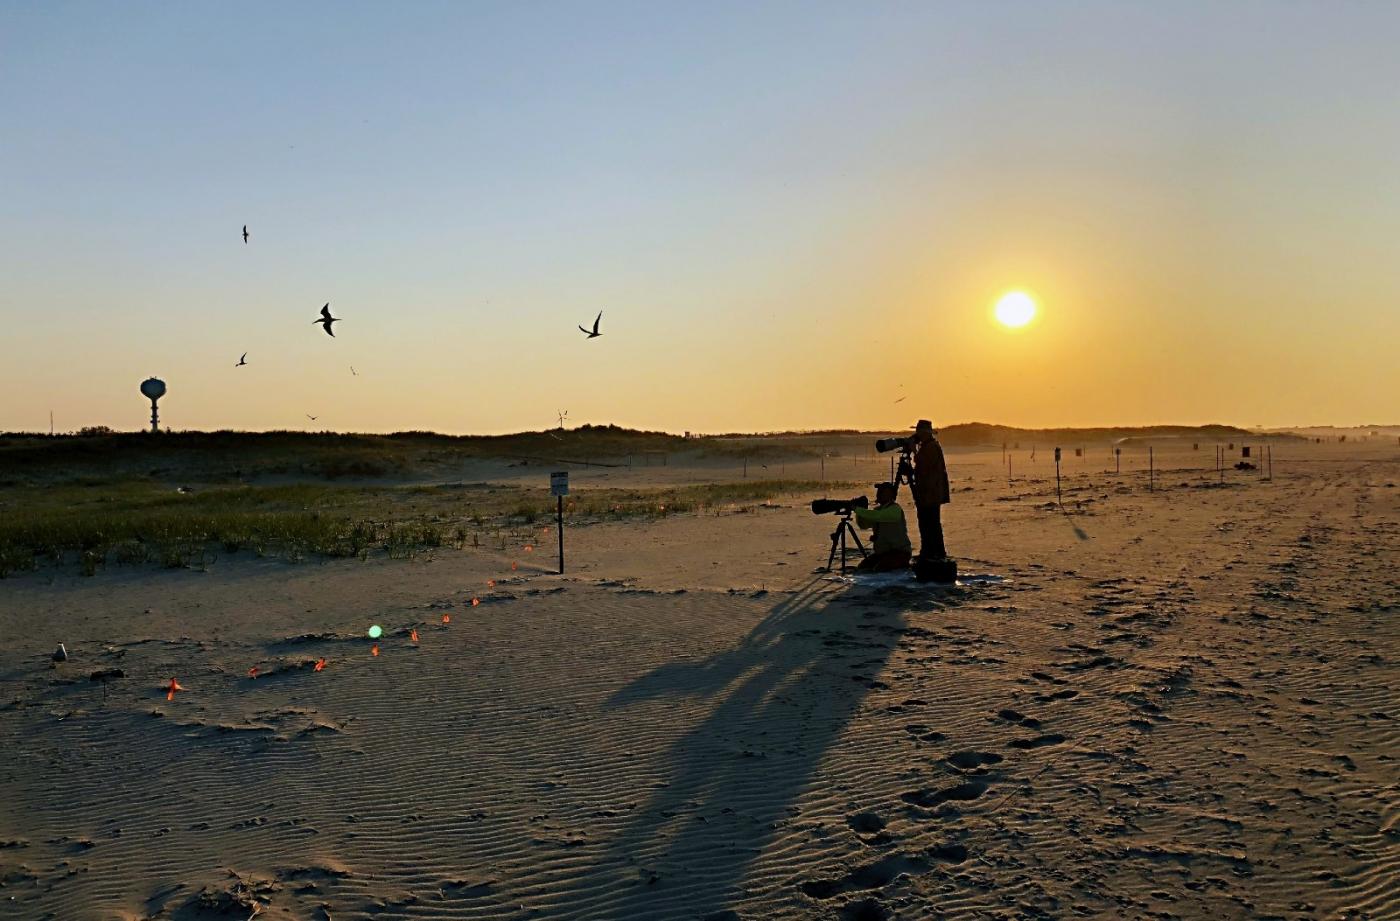 【田螺摄影】nickerson beach拍燕鸥求爱[二]_图1-25